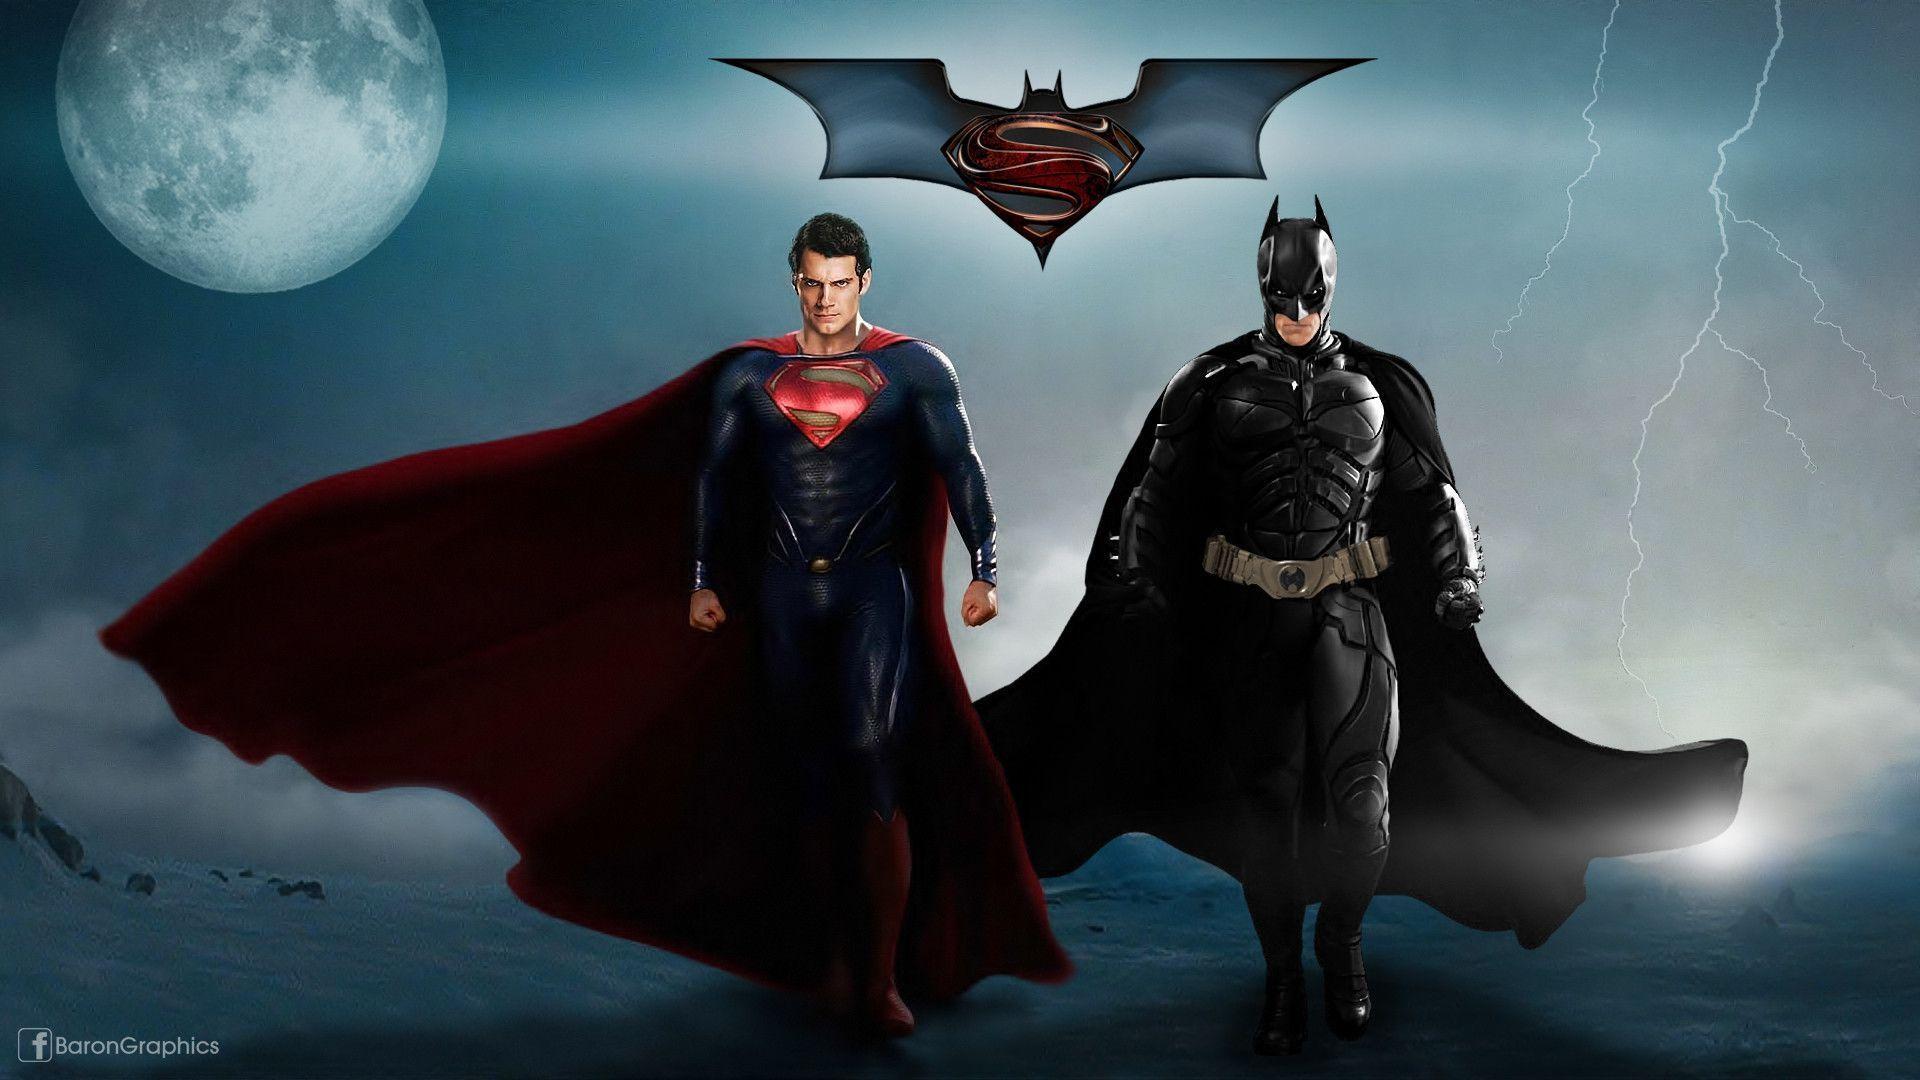 superman and batman wallpapers - wallpaper cave